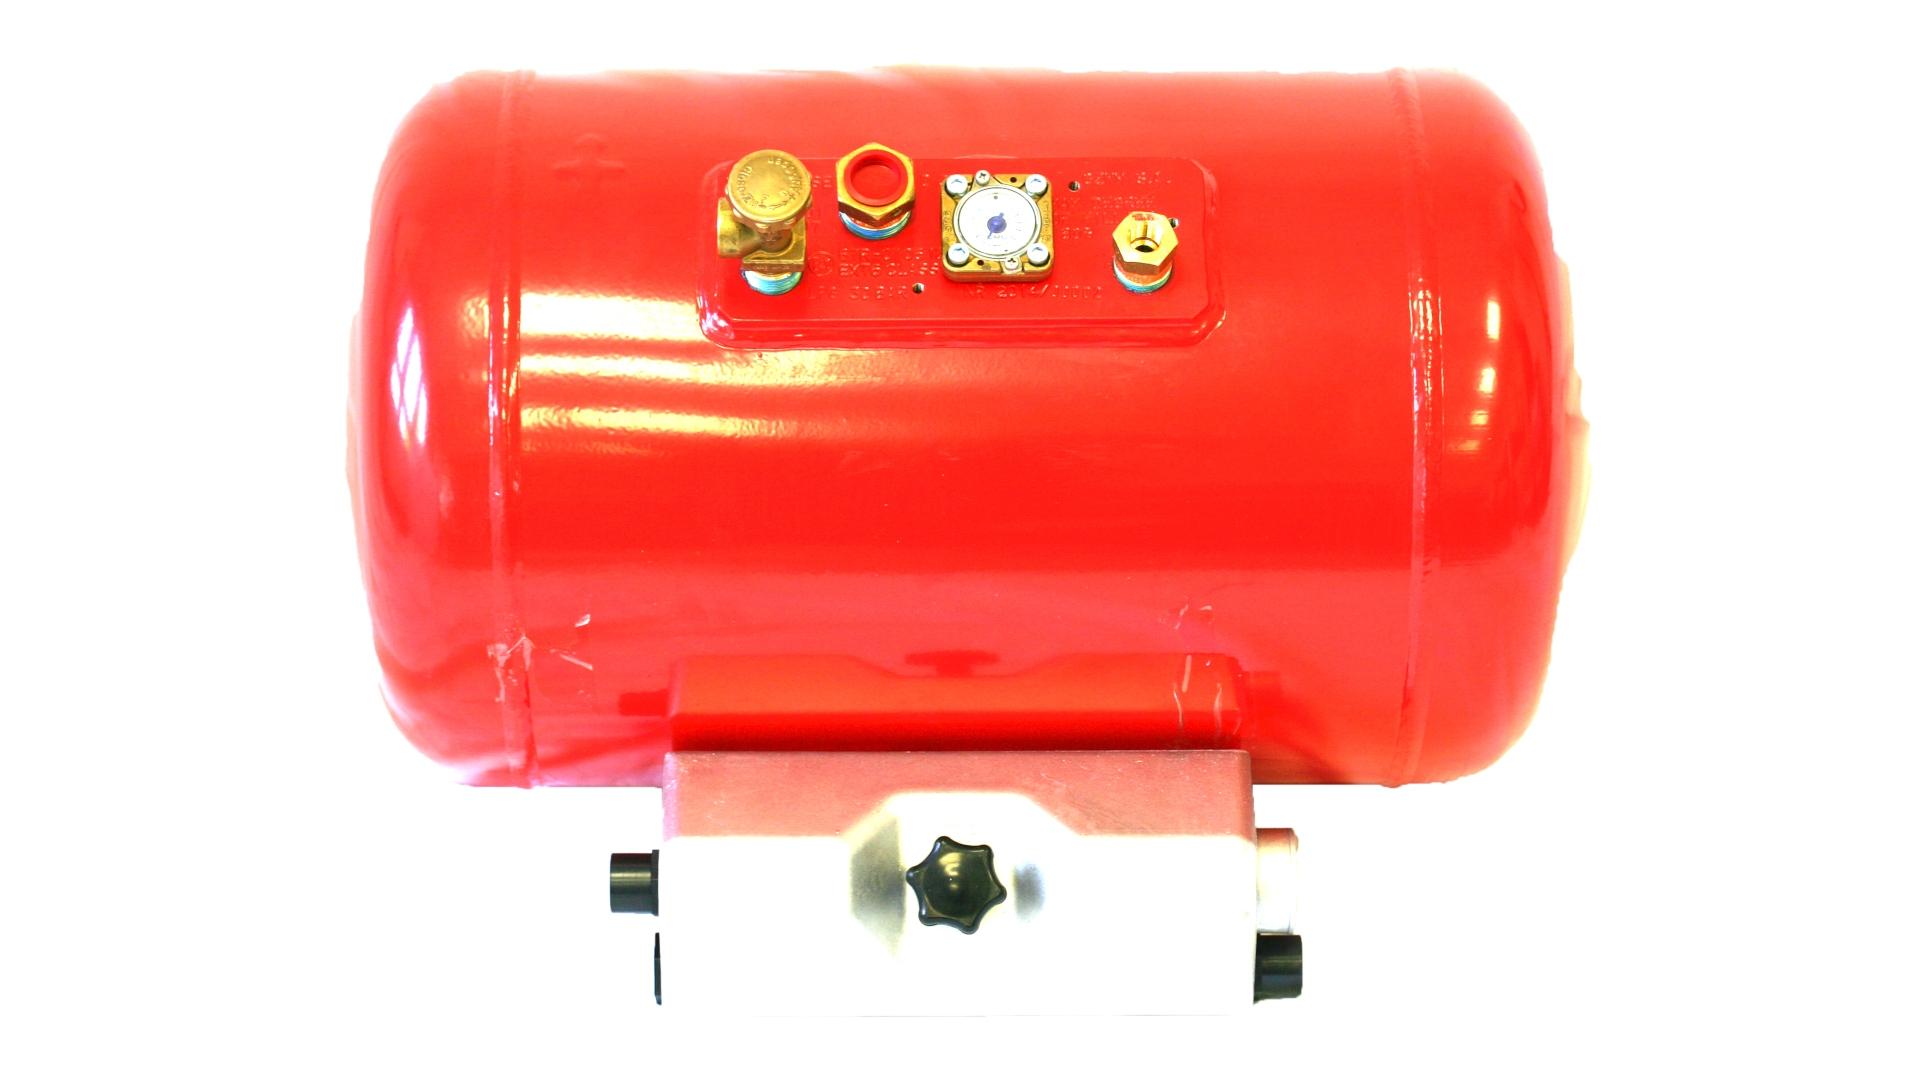 4-Loch Brenngas-Zylindertank (1920x1080)